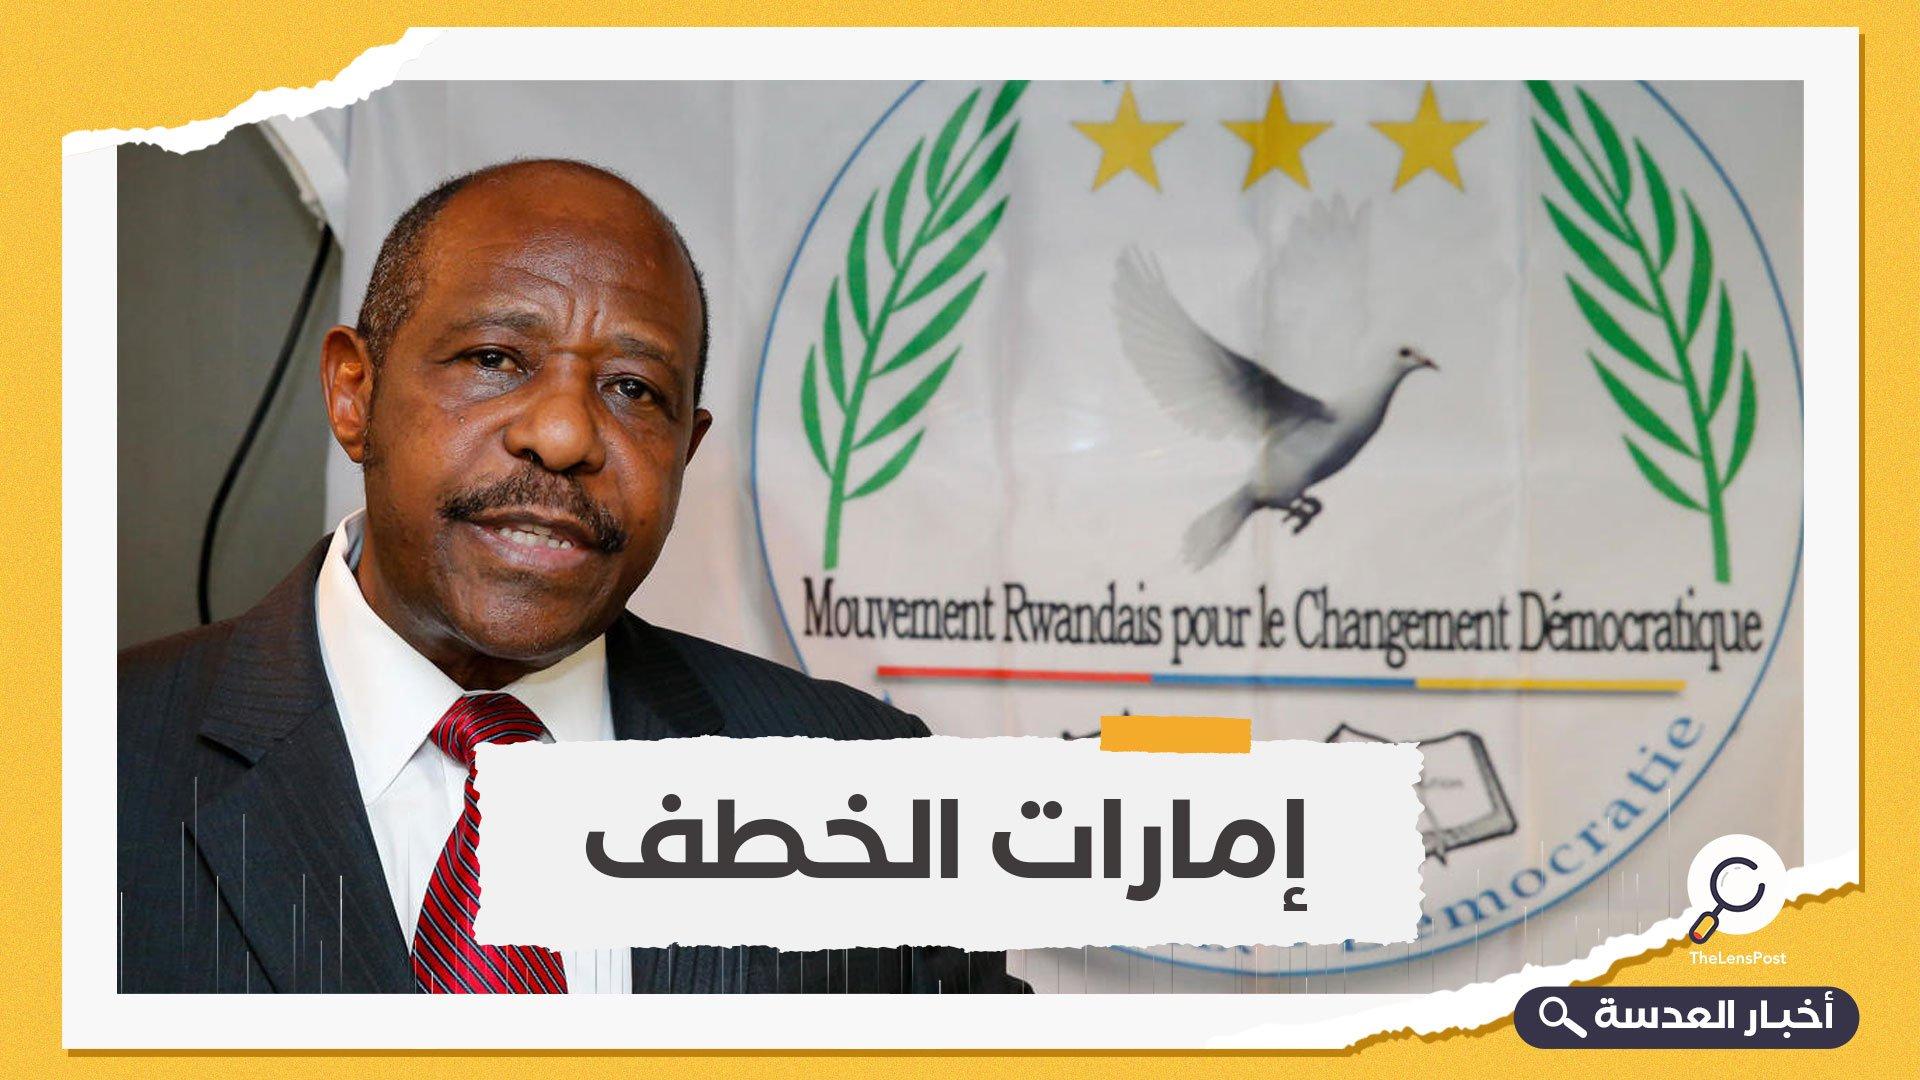 الإمارات تتورط في خطف معارض رواندي من داخل أراضيها